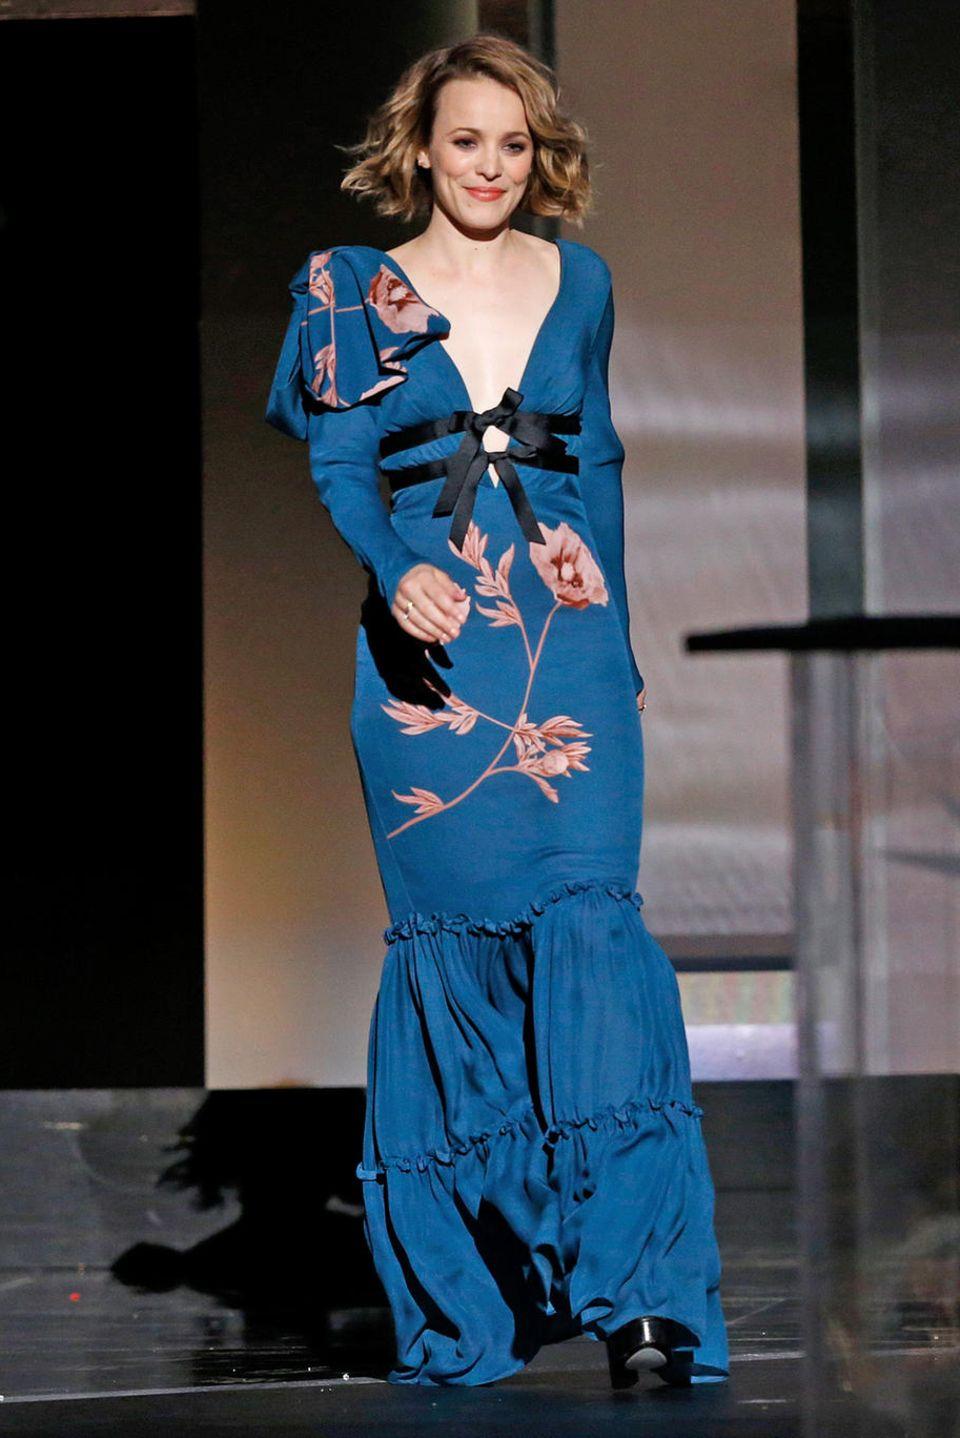 Rüschen, Blumen, Schleifen: Rachel McAdams zeigt sich in blauer Robe sehr verspielt.